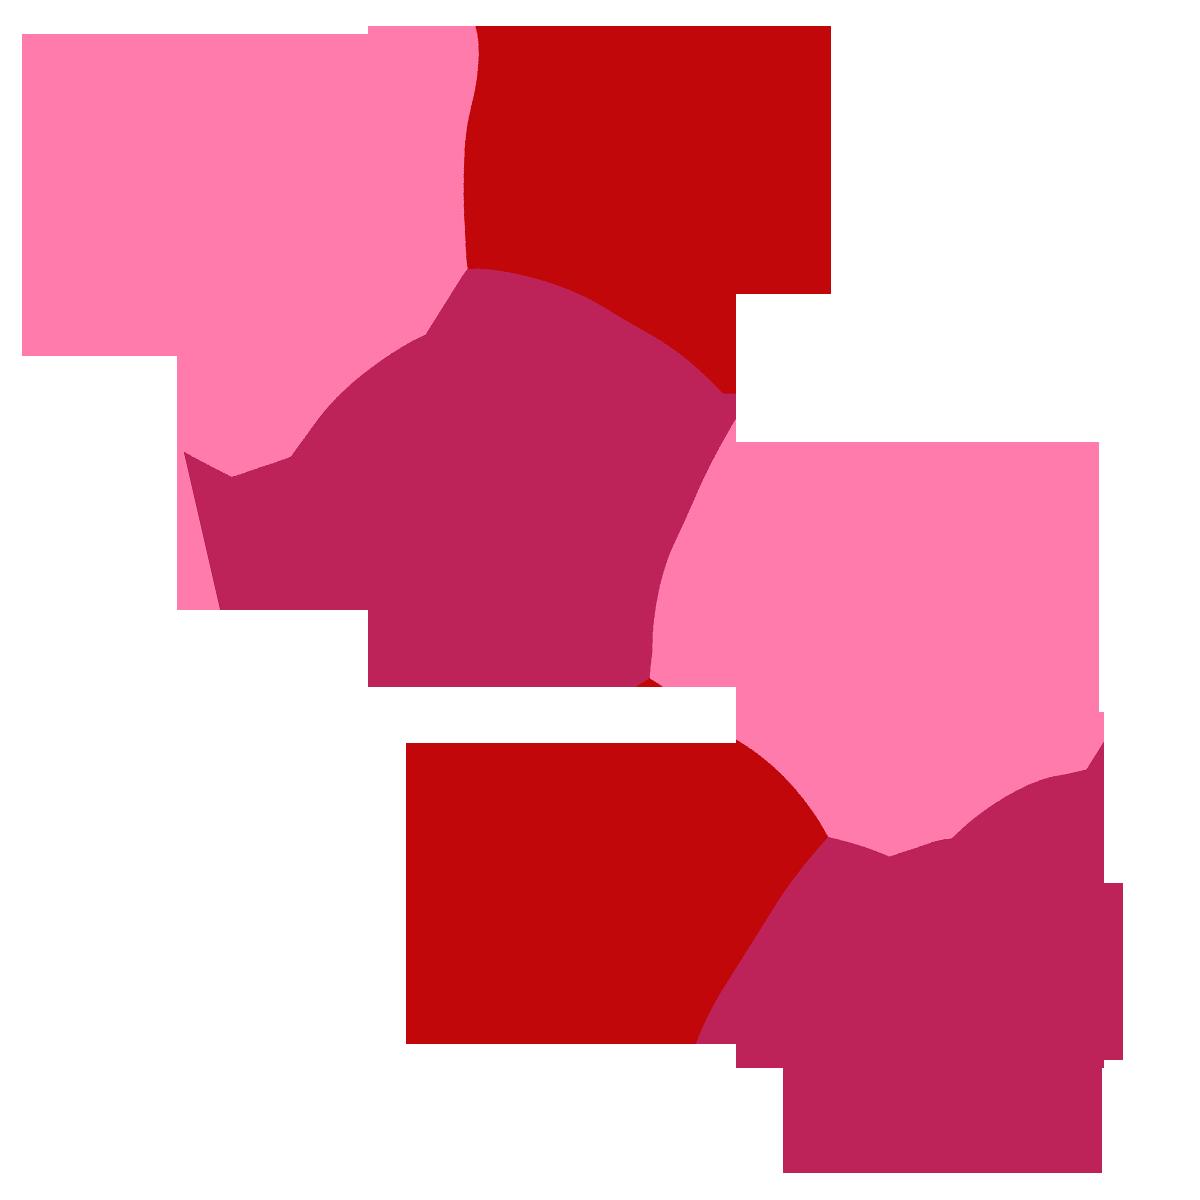 Heart_clipart-7